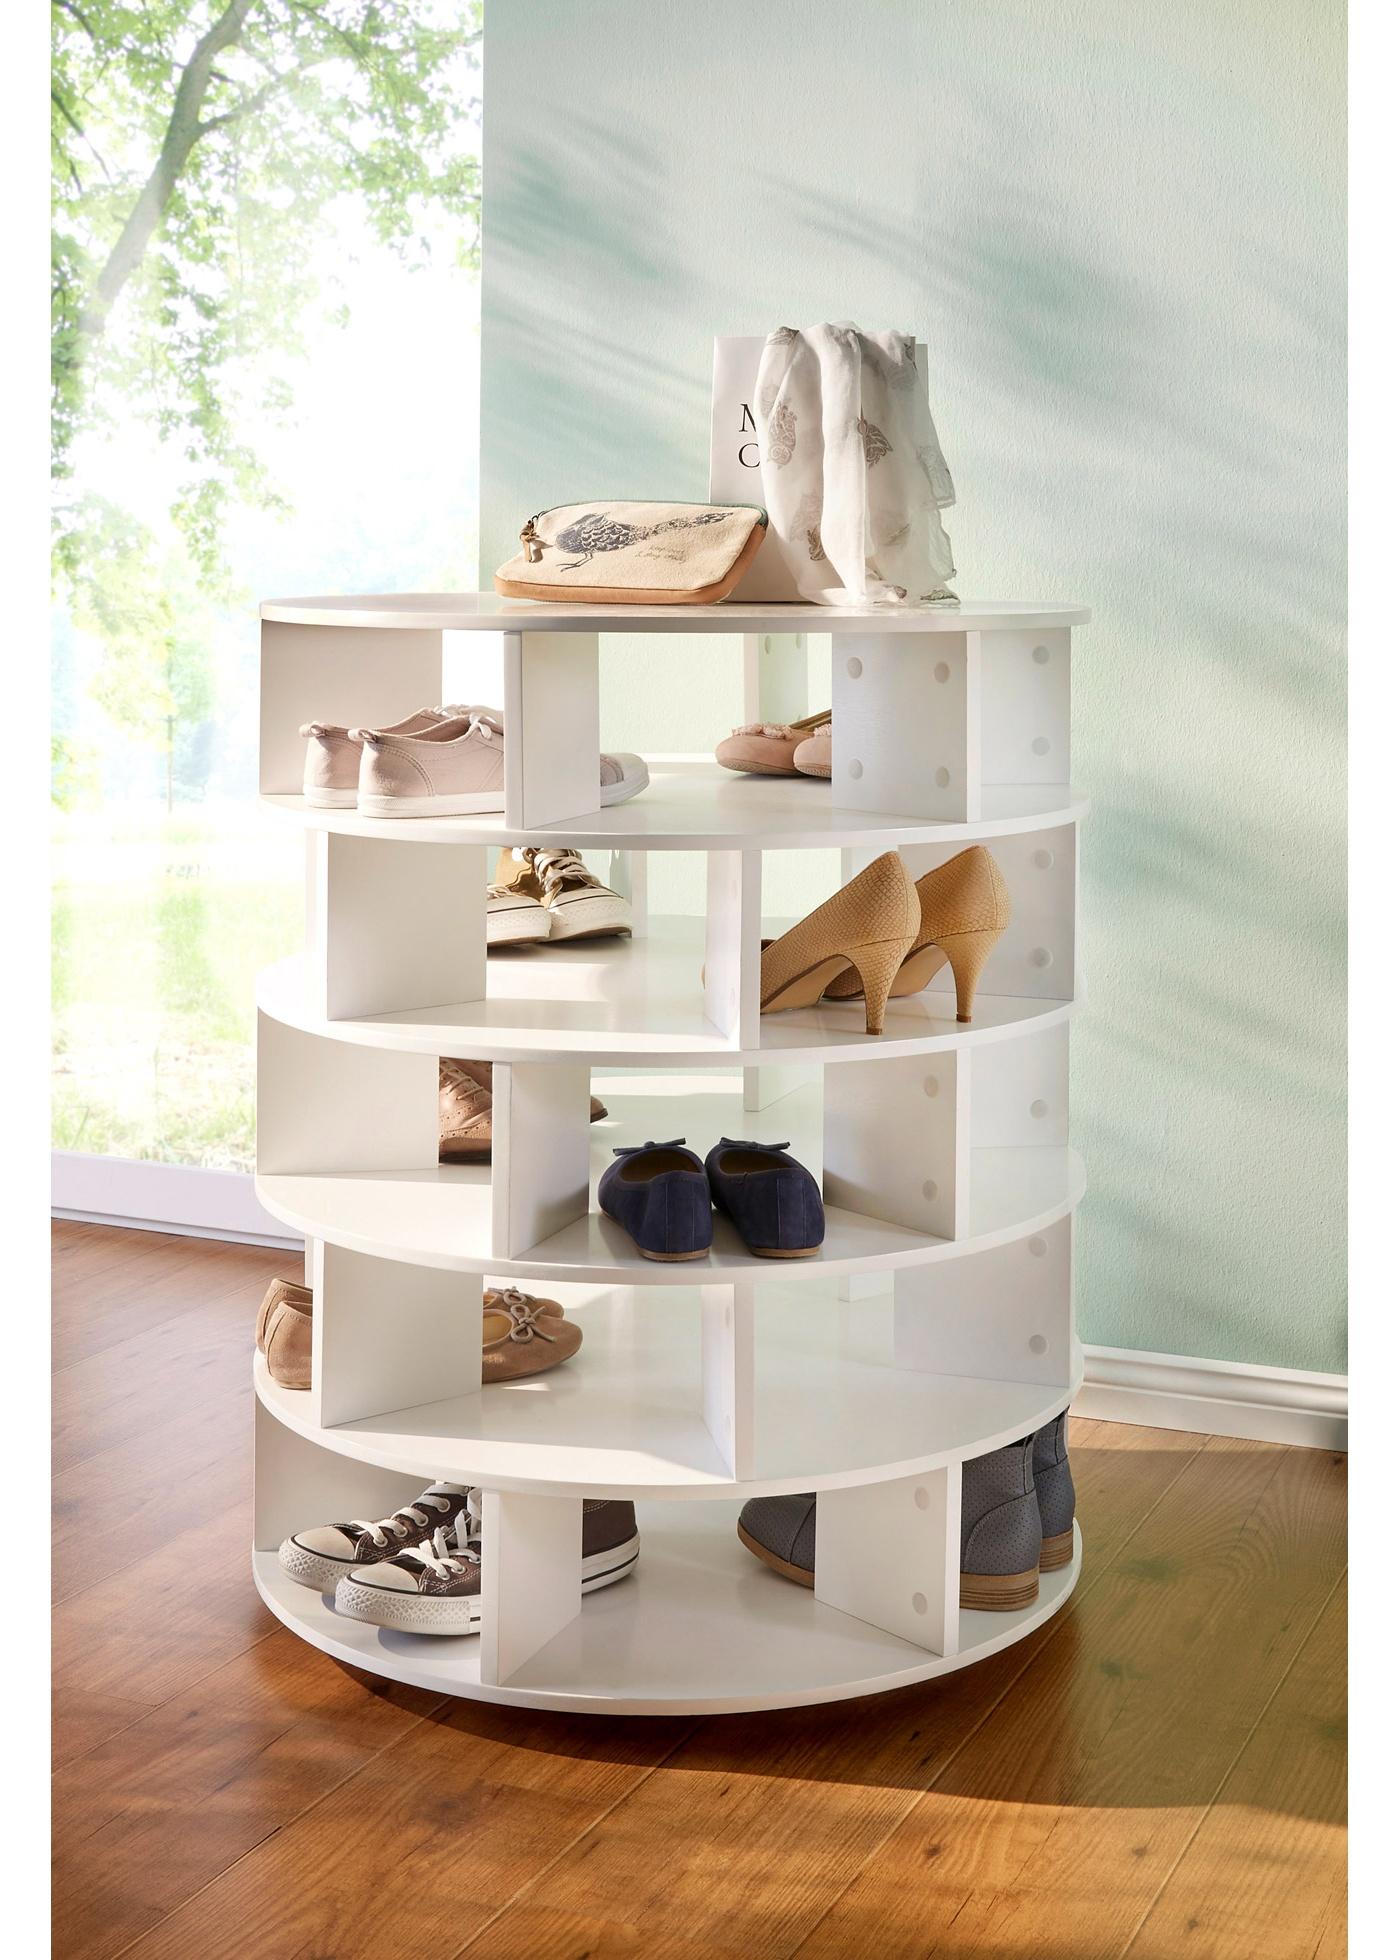 Schoenenkast Voor Heel Veel Schoenen.Alle Bedrijven Online Schoenenkast Pagina 1